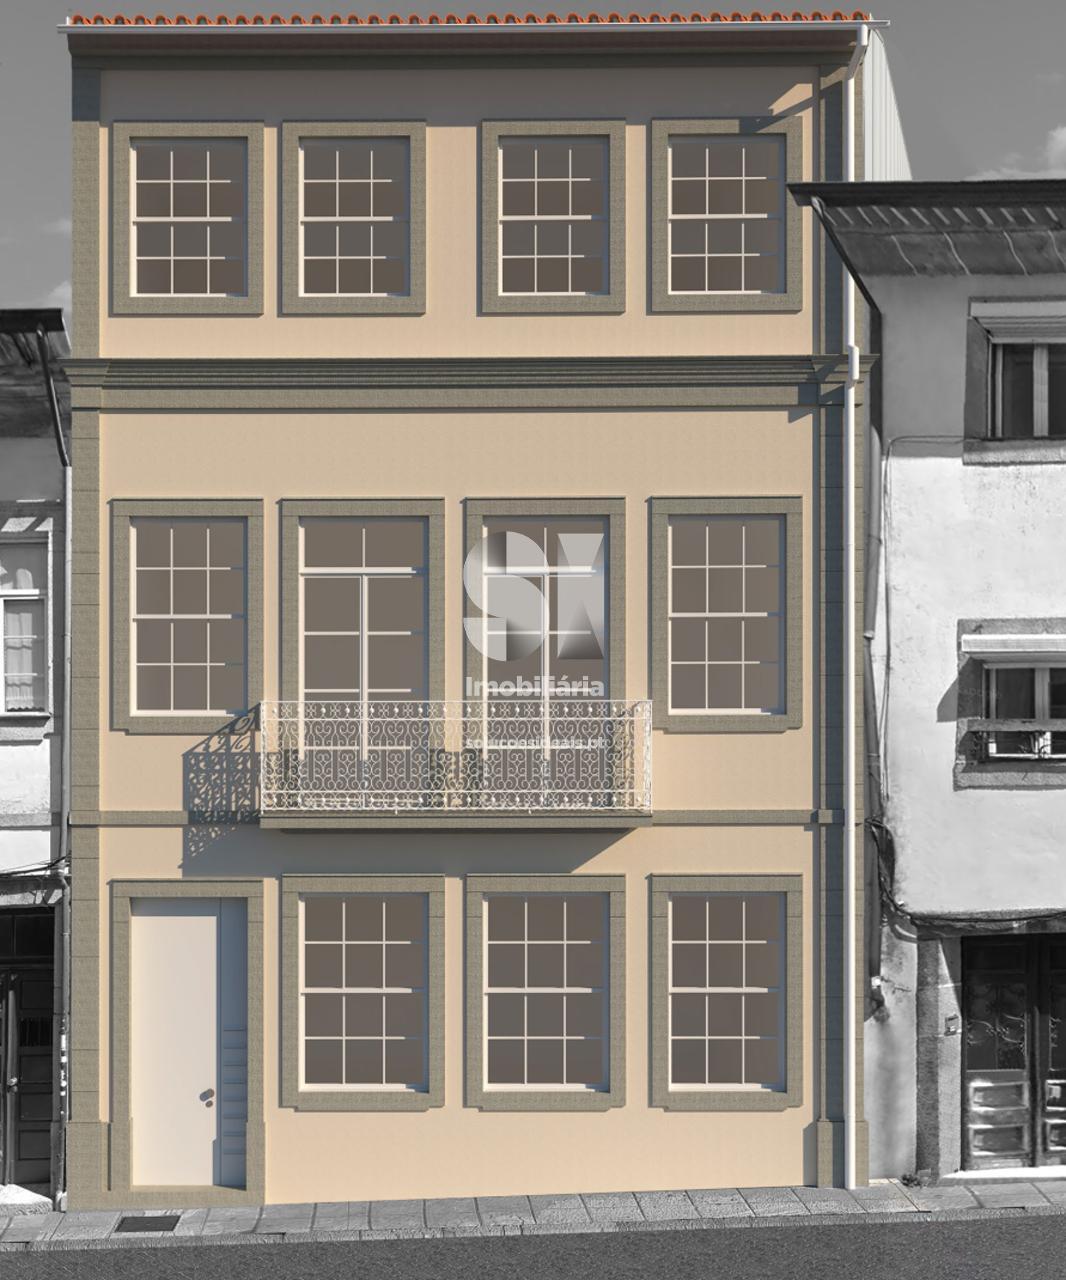 apartamento t2 para compra em braga uniao das freguesias de braga maximinos se e cividade BRGFS72_3